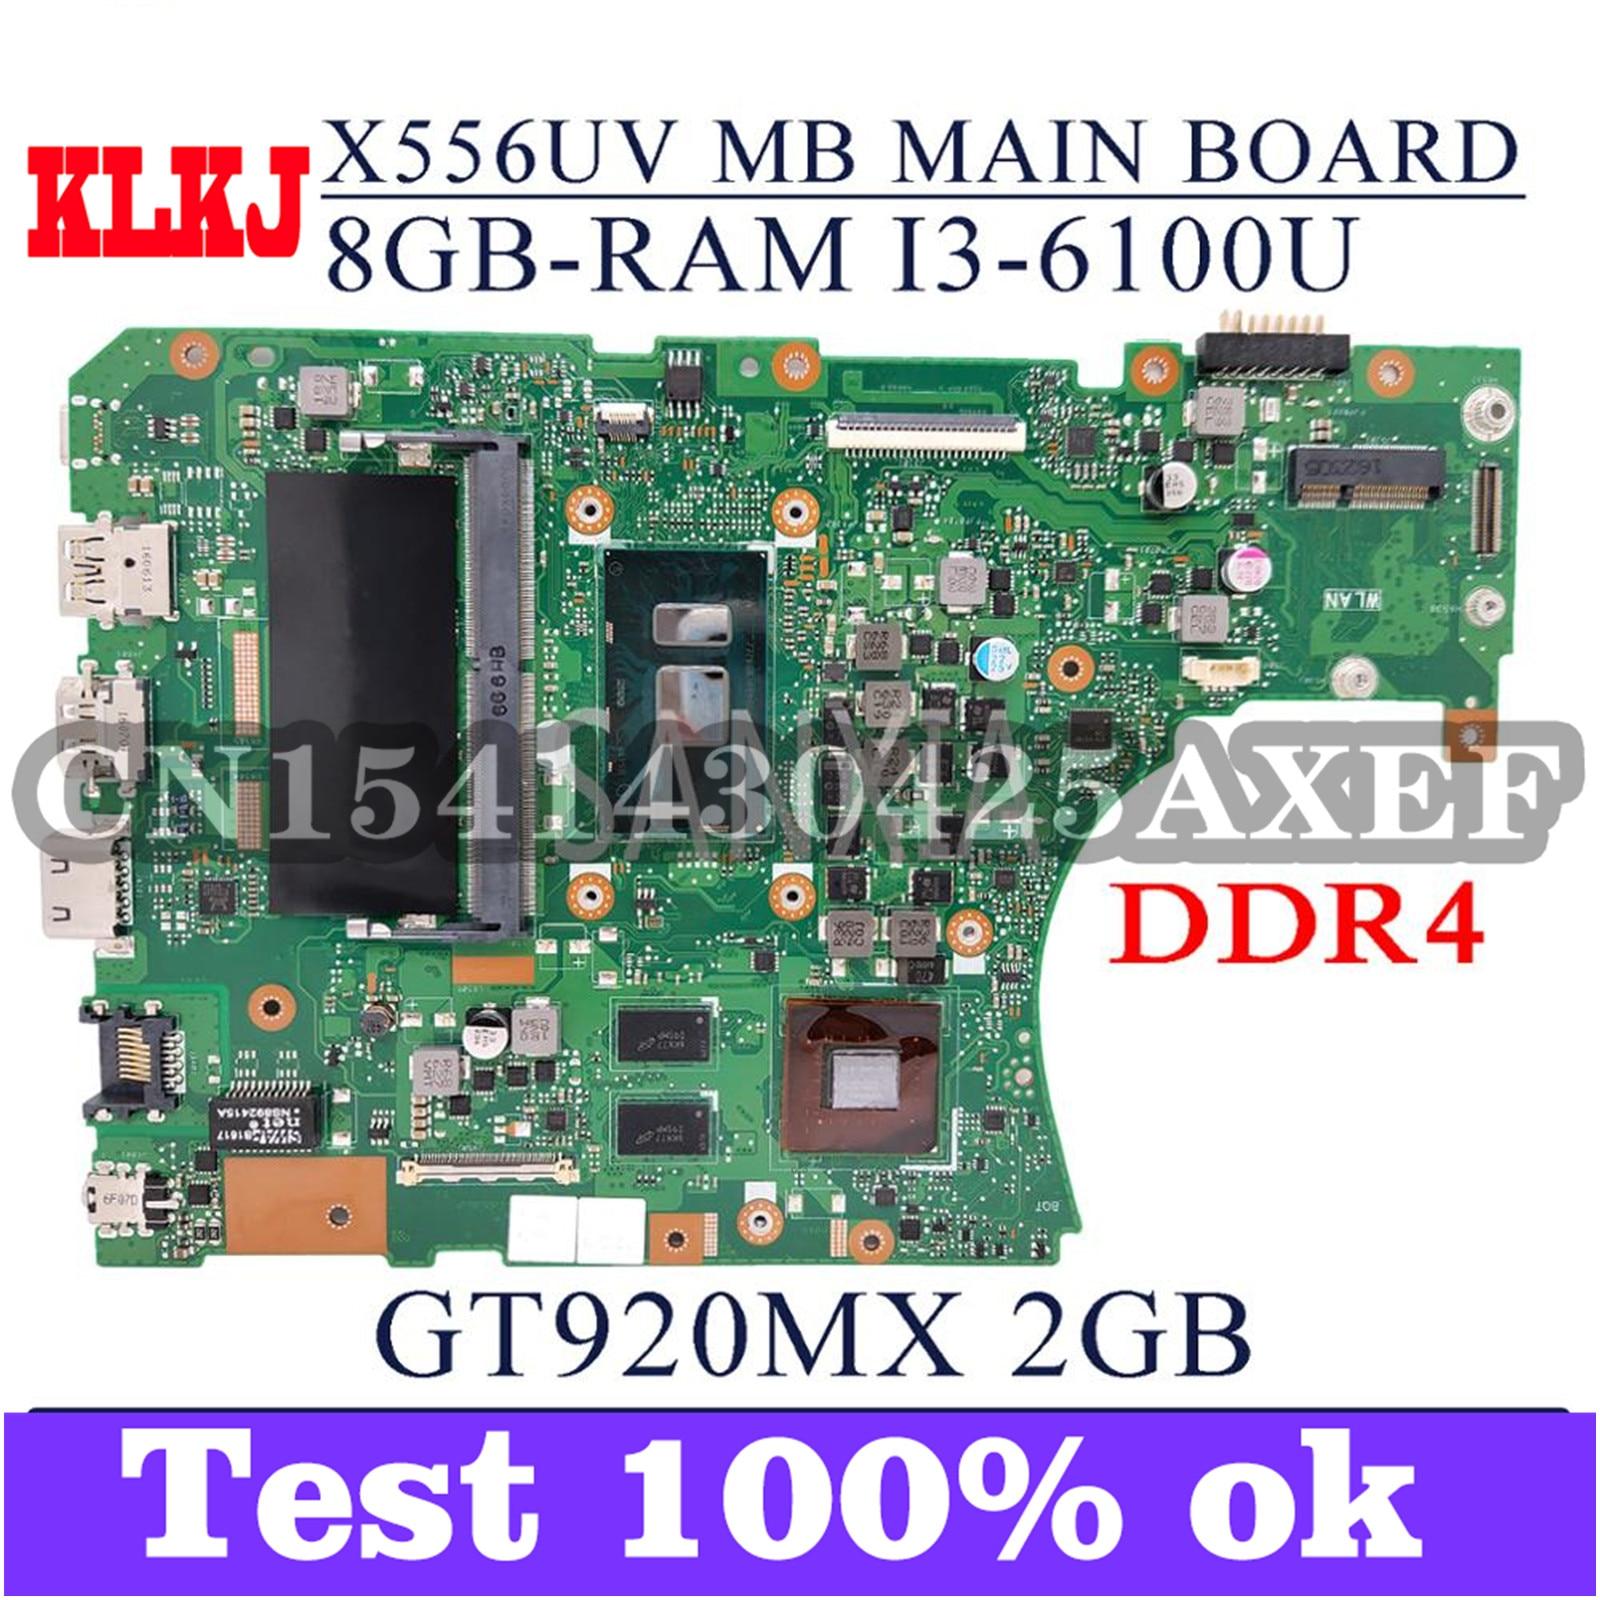 KLKJ X556UV اللوحة لابتوب ASUS X556UV X556UJ X556UB X556UR X556UF X556UQ اللوحة الأصلية 8G-RAM I3-6100U GT920MX